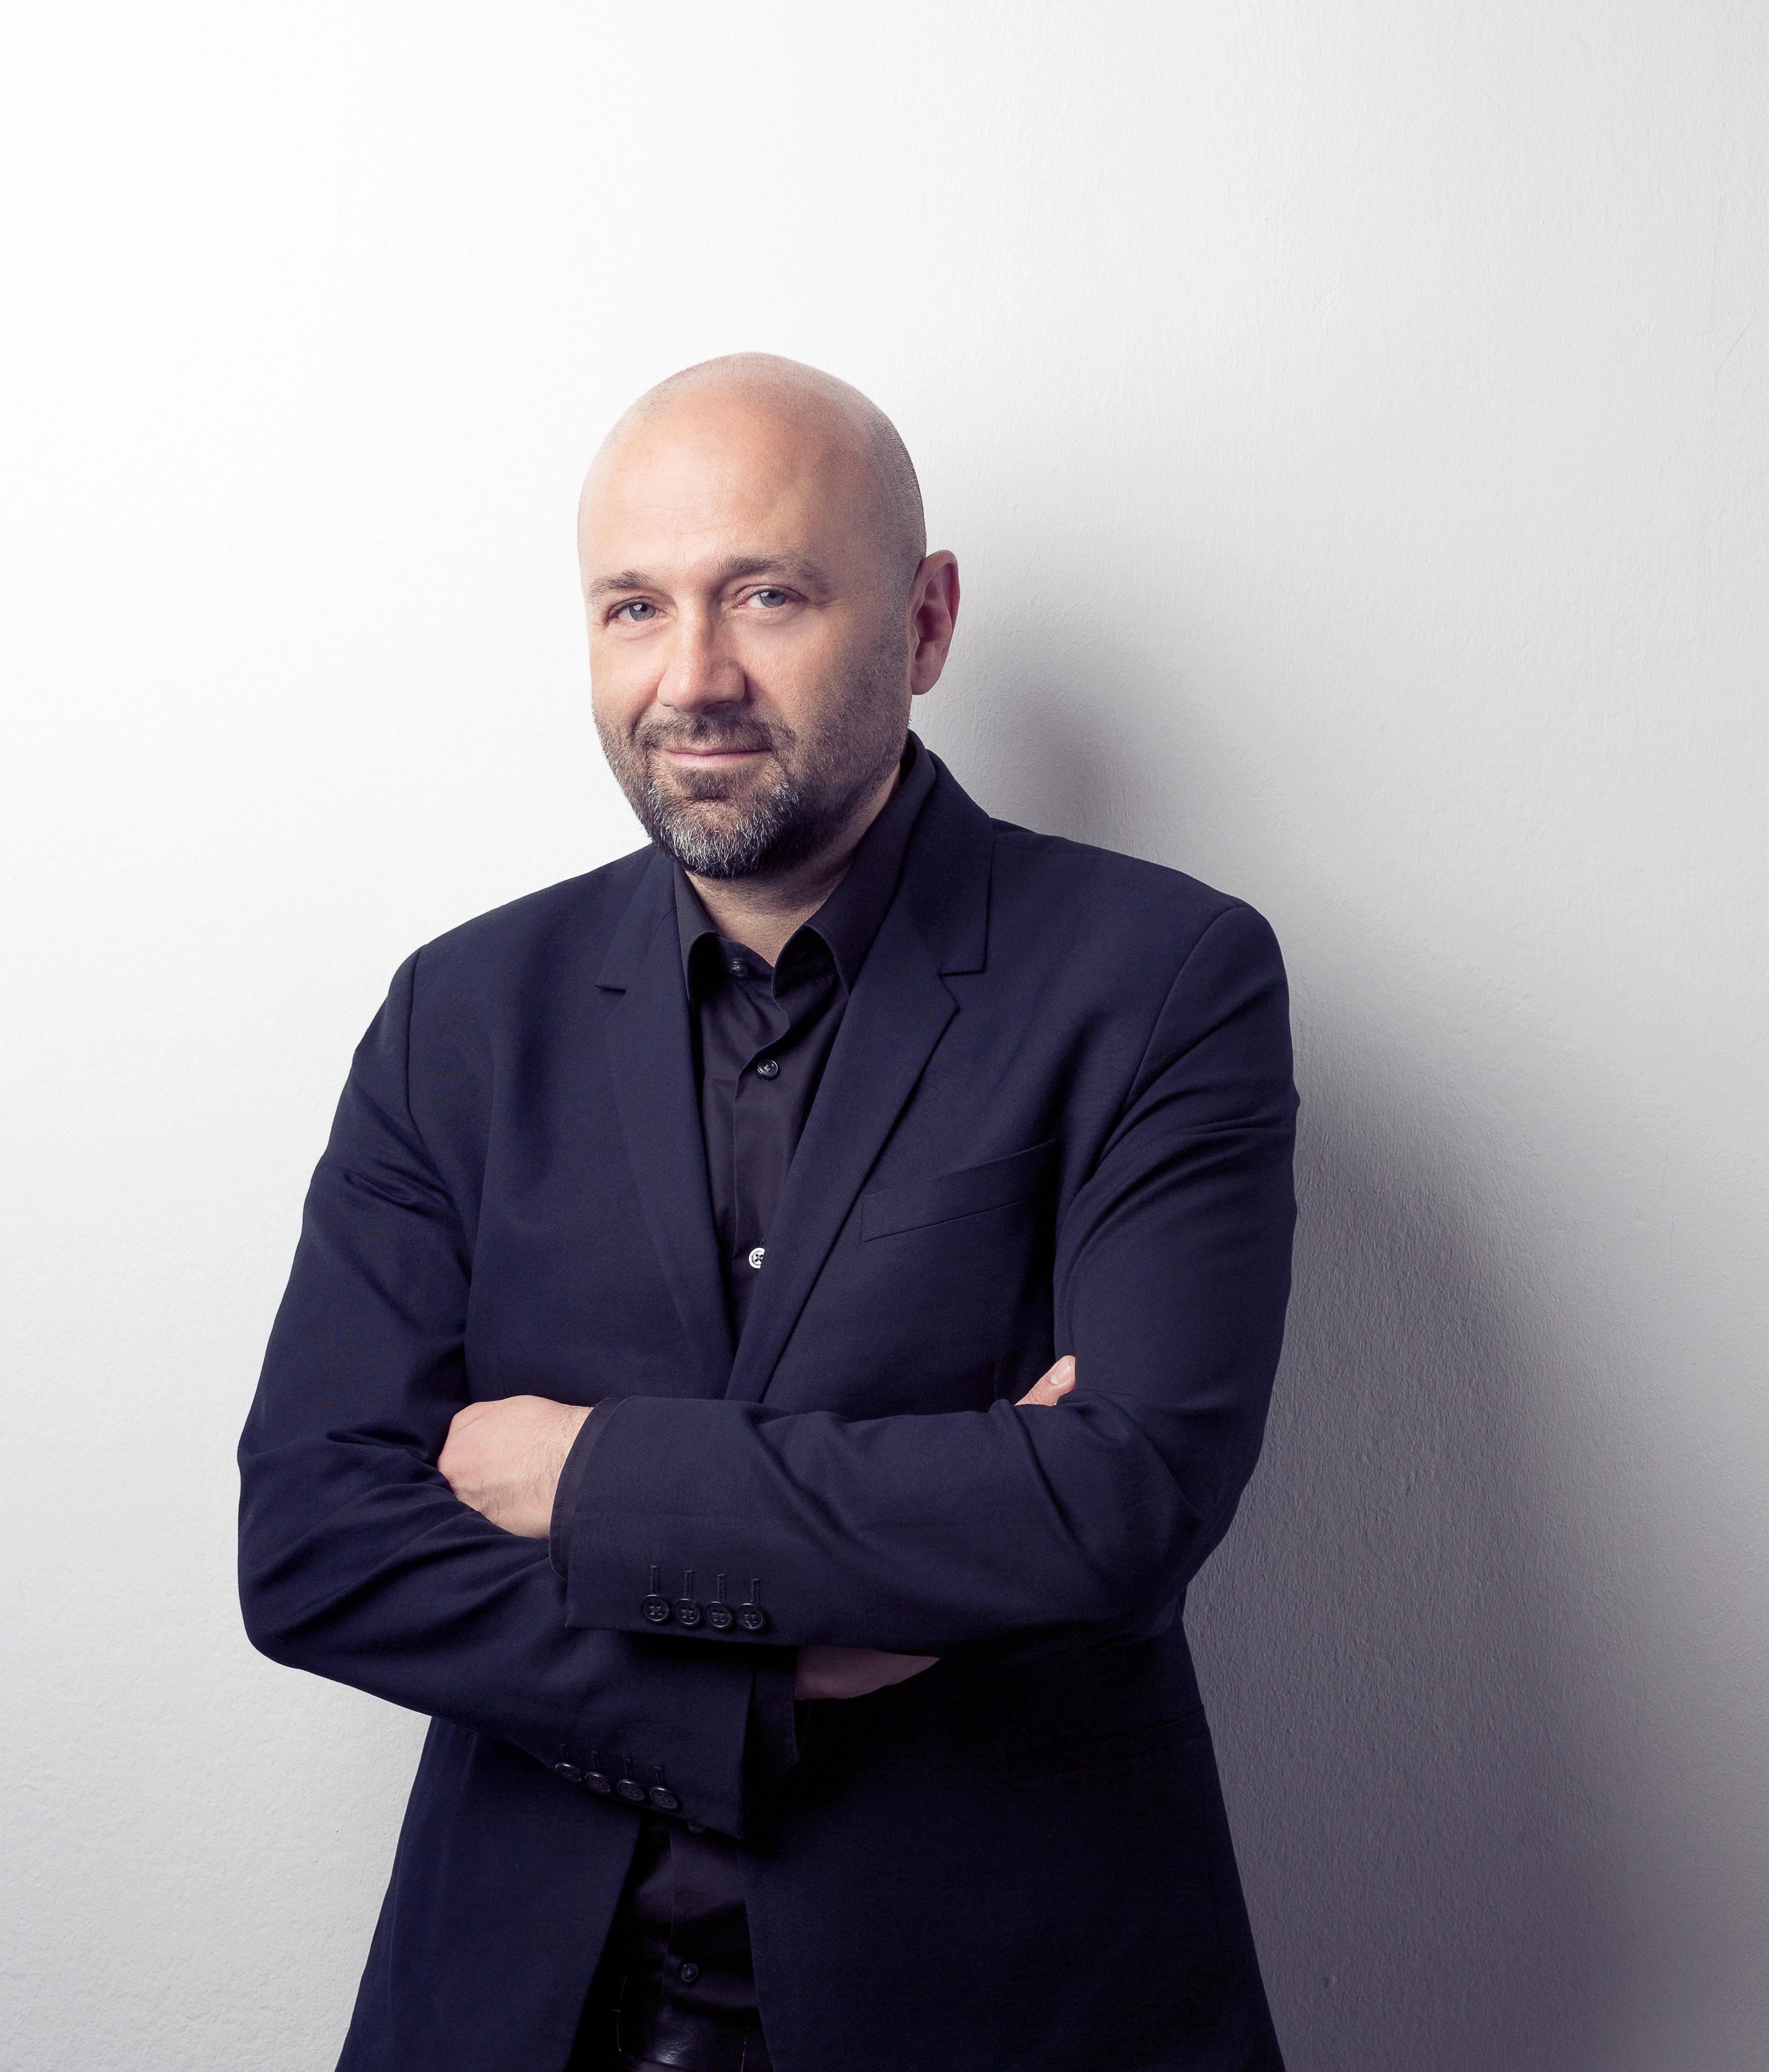 Jürgen Mayer